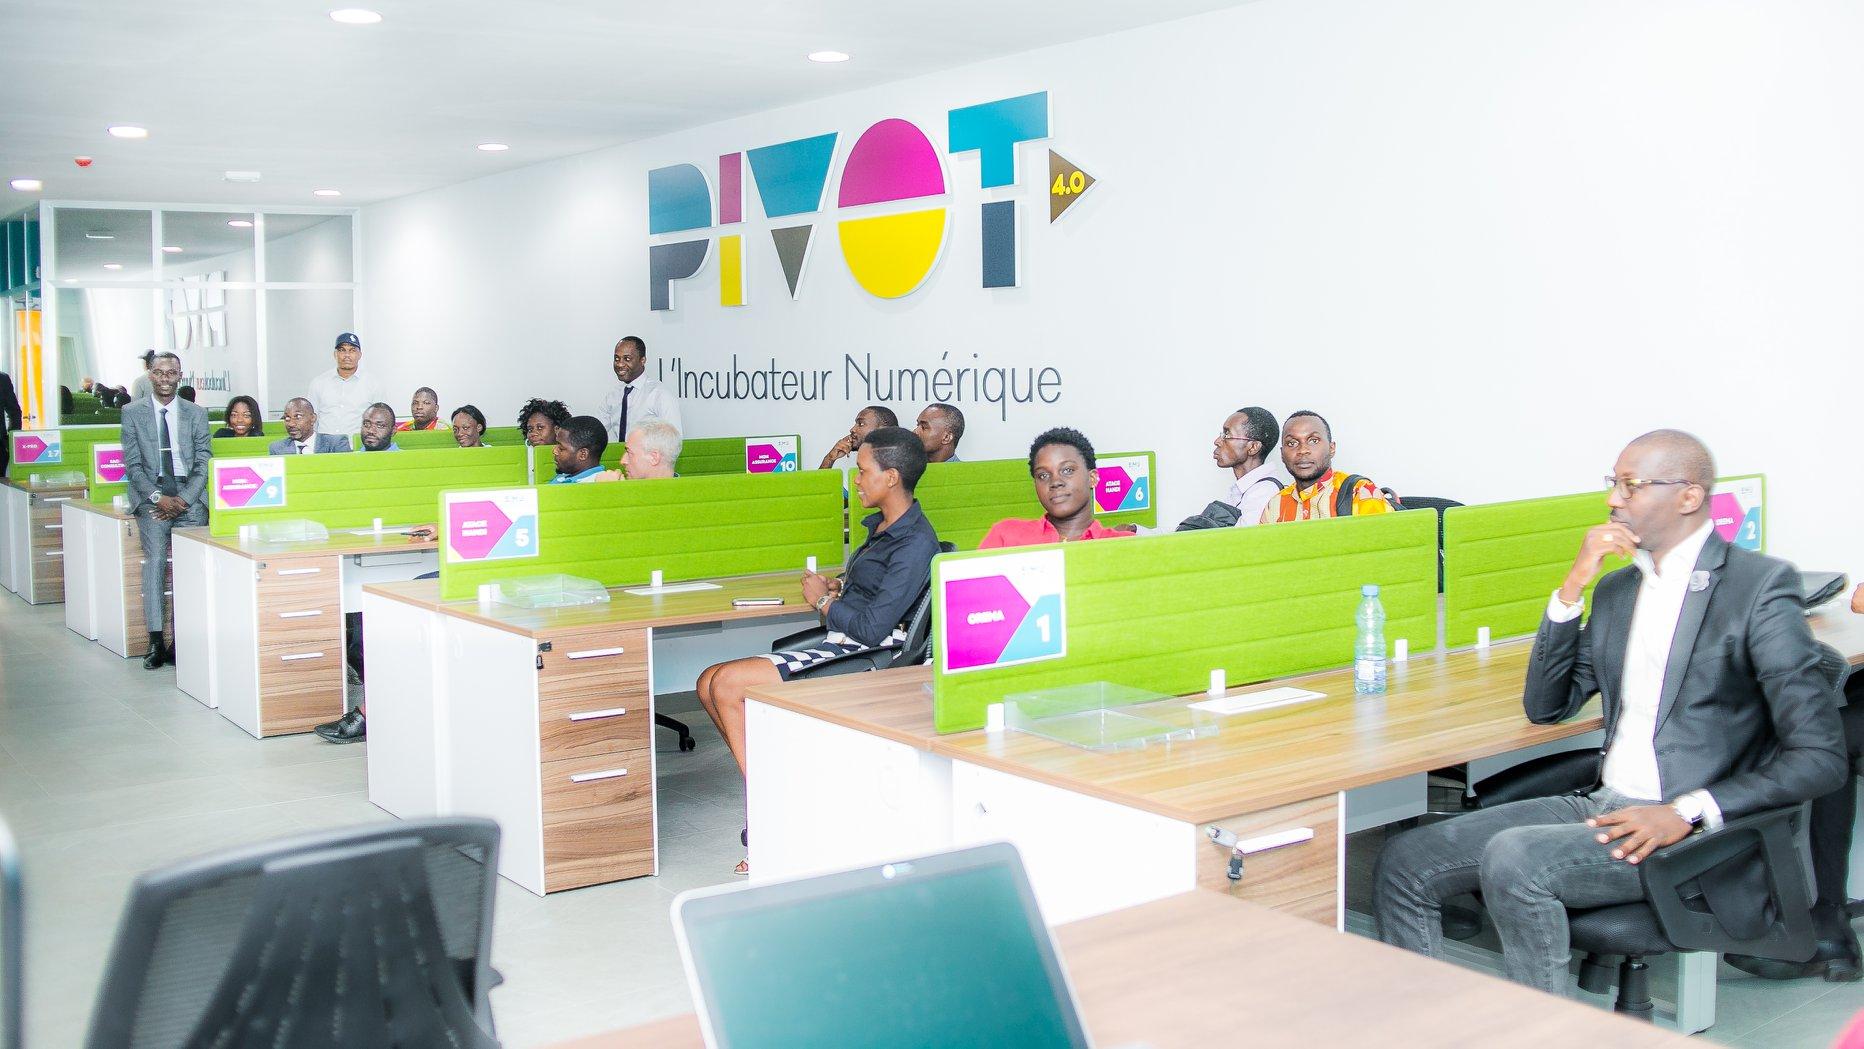 Une Société d'Incubation Numérique lance un programme d'accélération inédit pour permettre l'émergence de startups numériques innovantes au Gabon